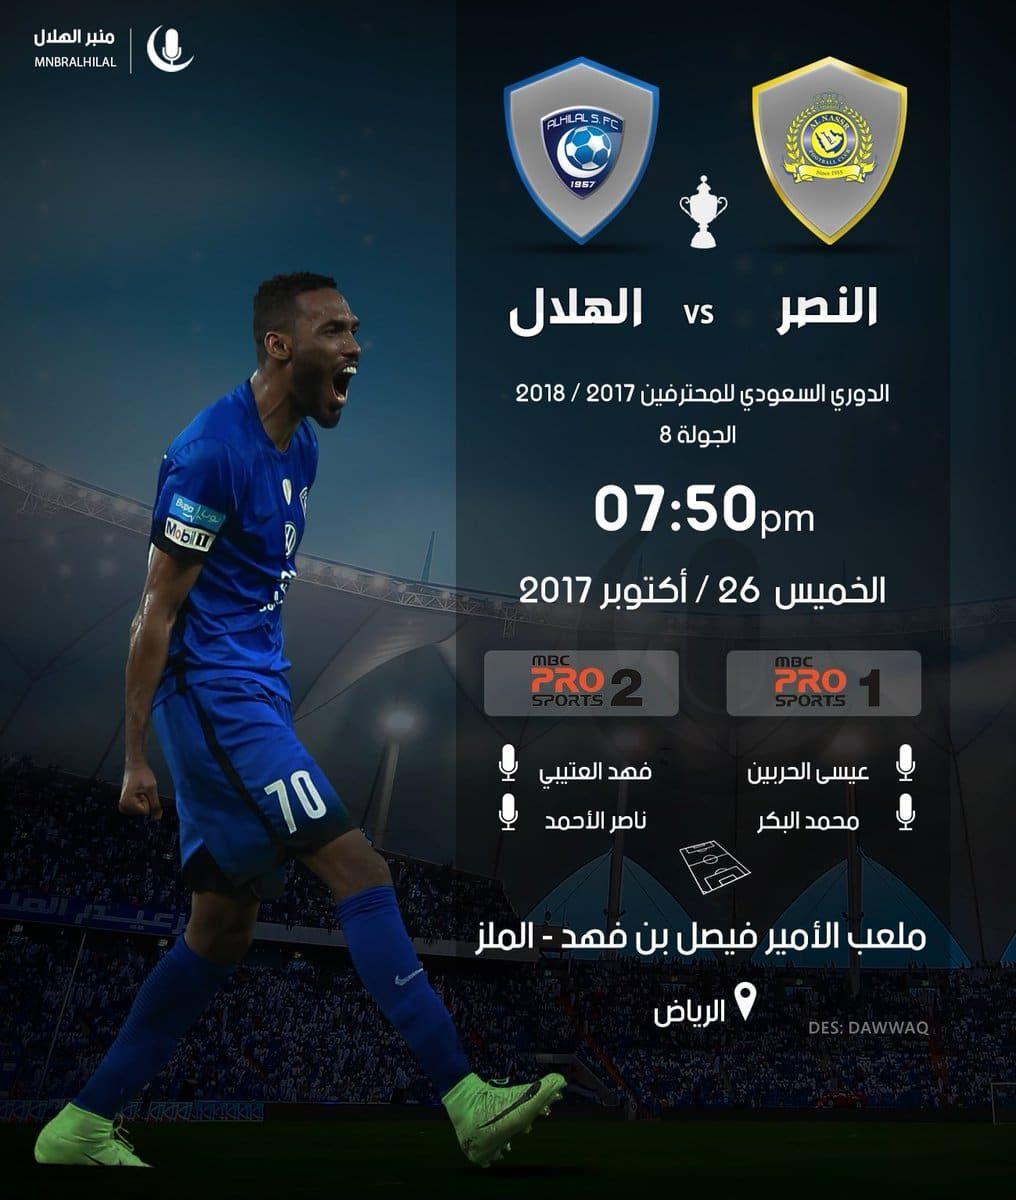 مشاهدة مباراة الهلال السعودي والنصر اليوم بث مباشر في الدوري السعودي Desktop Screenshot Screenshots